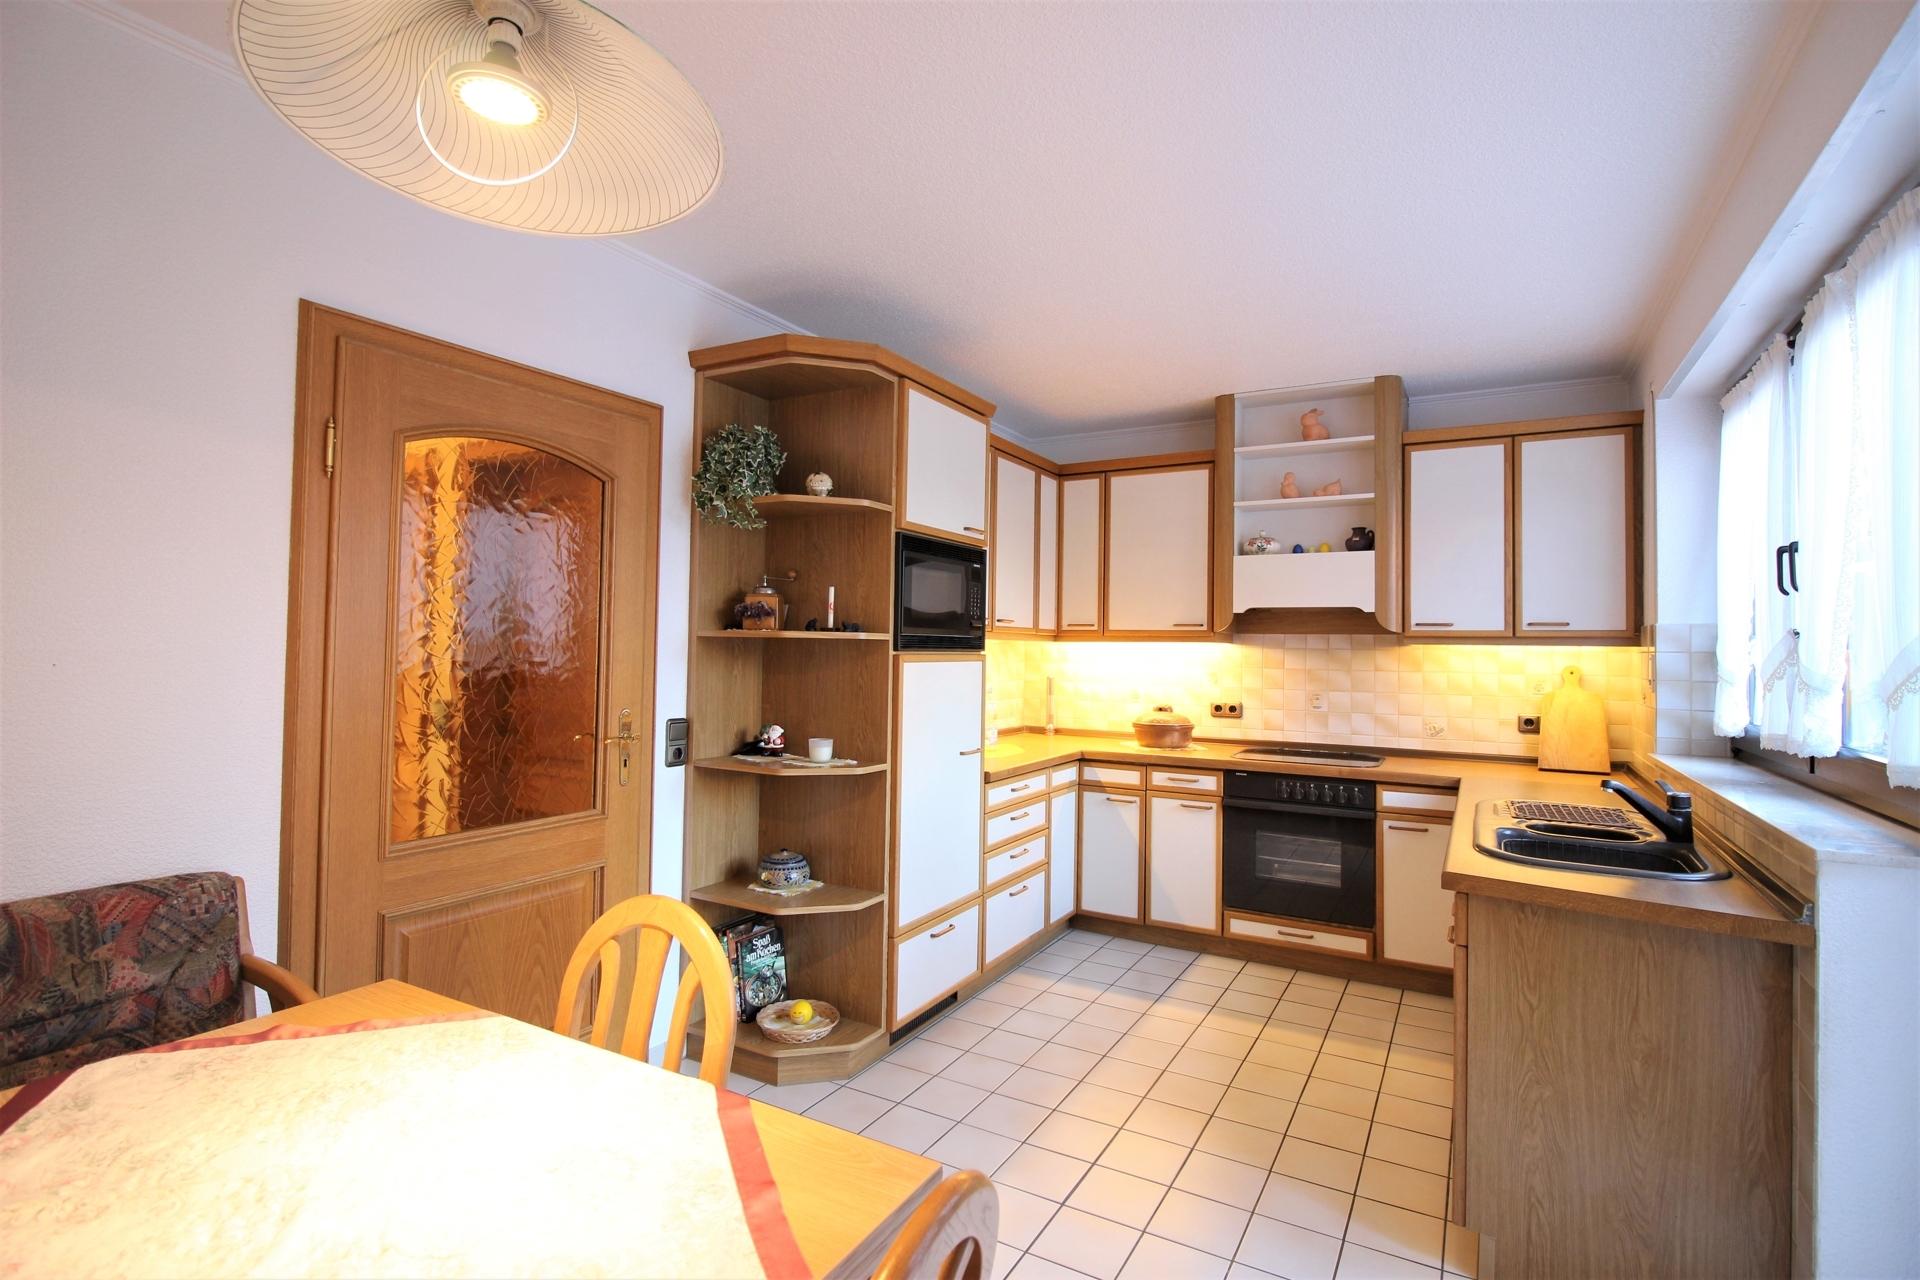 Küche 4,91 m x 2,82 m